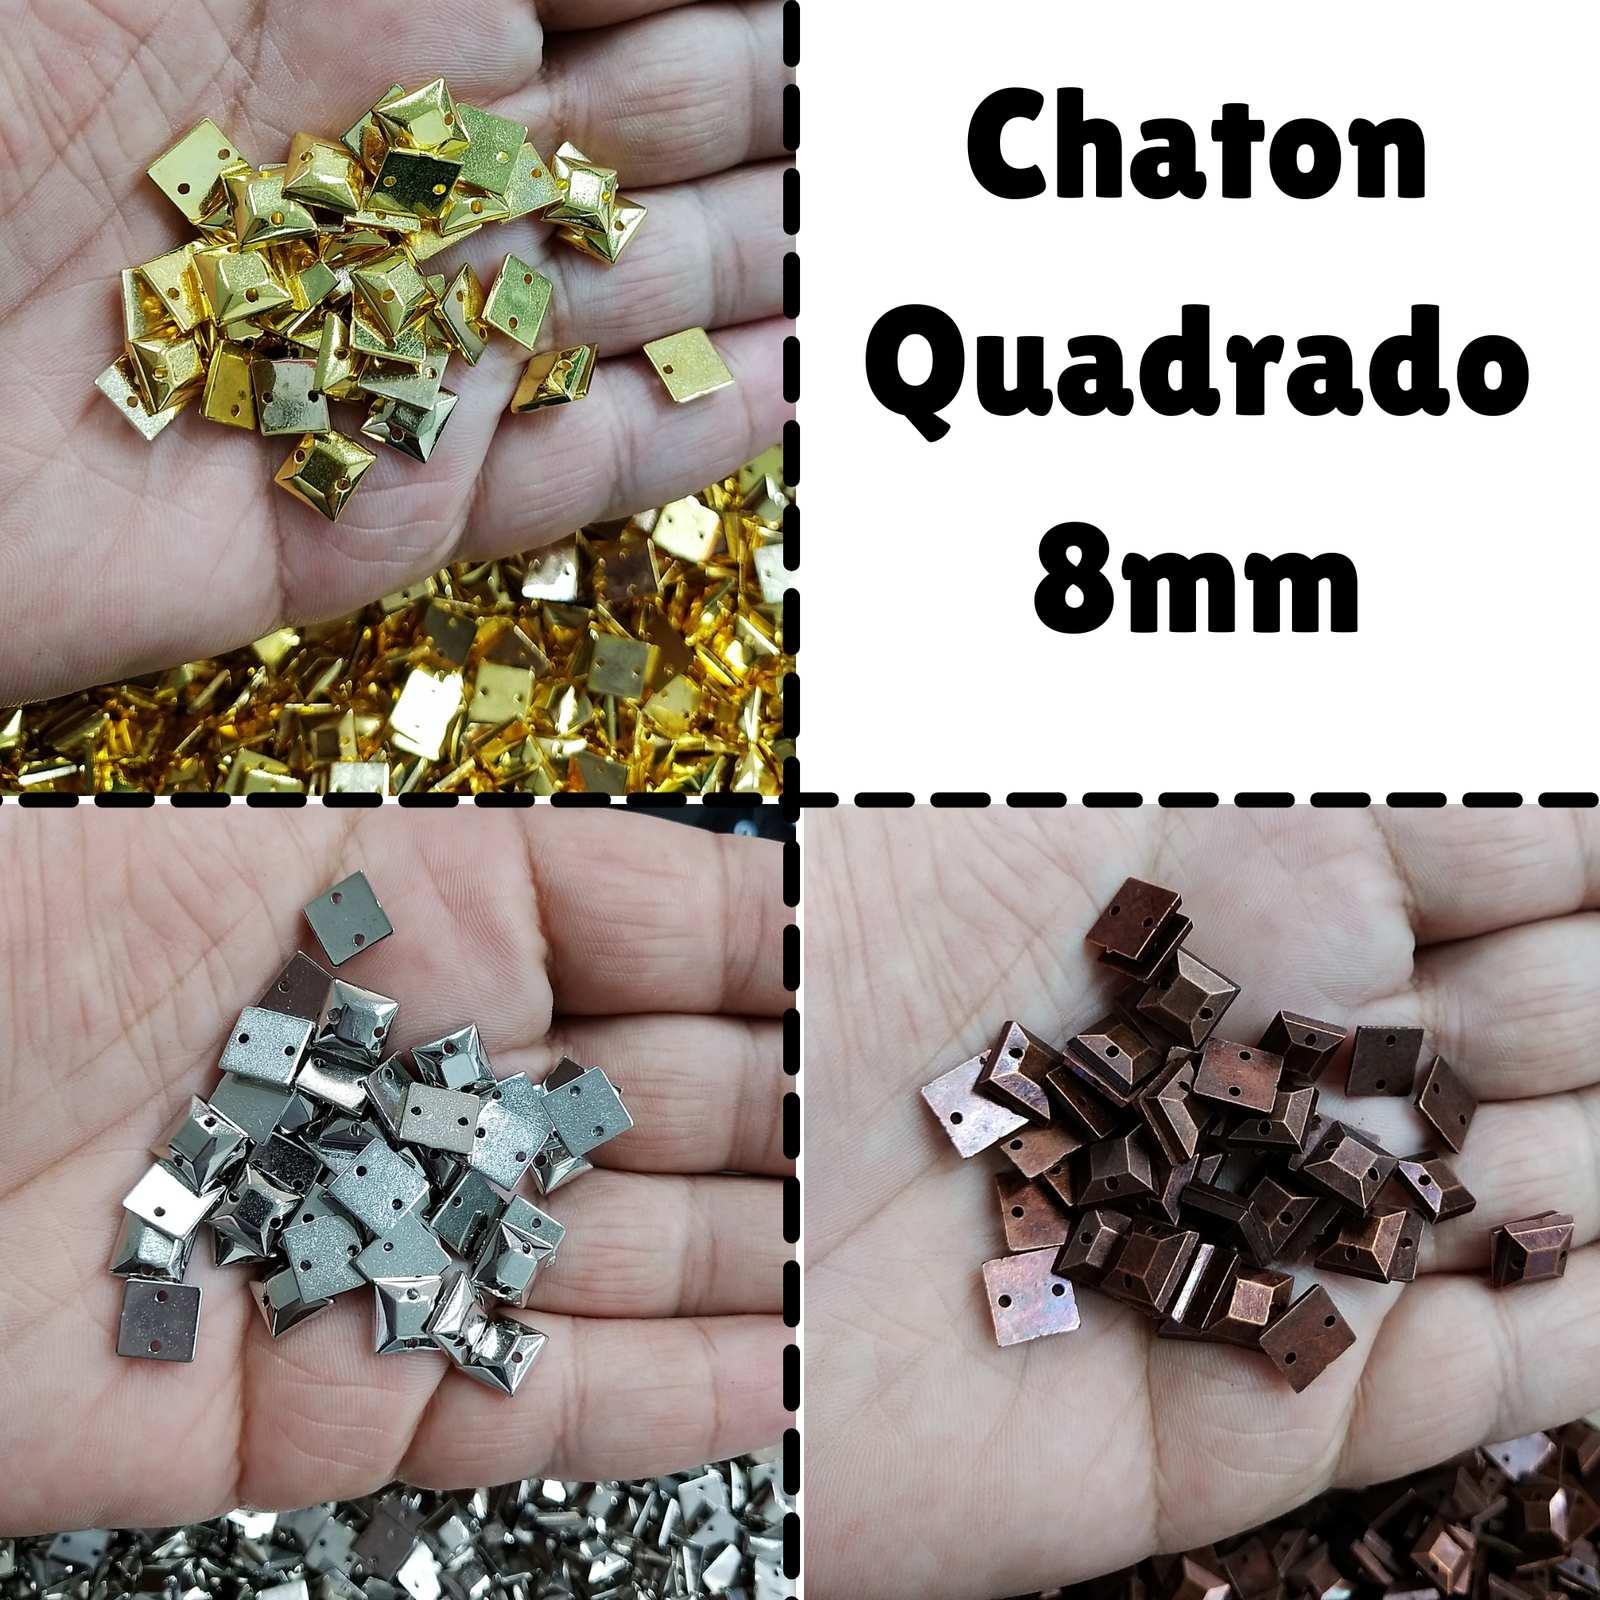 Chaton ABS  Quadrado 08mm c/250g